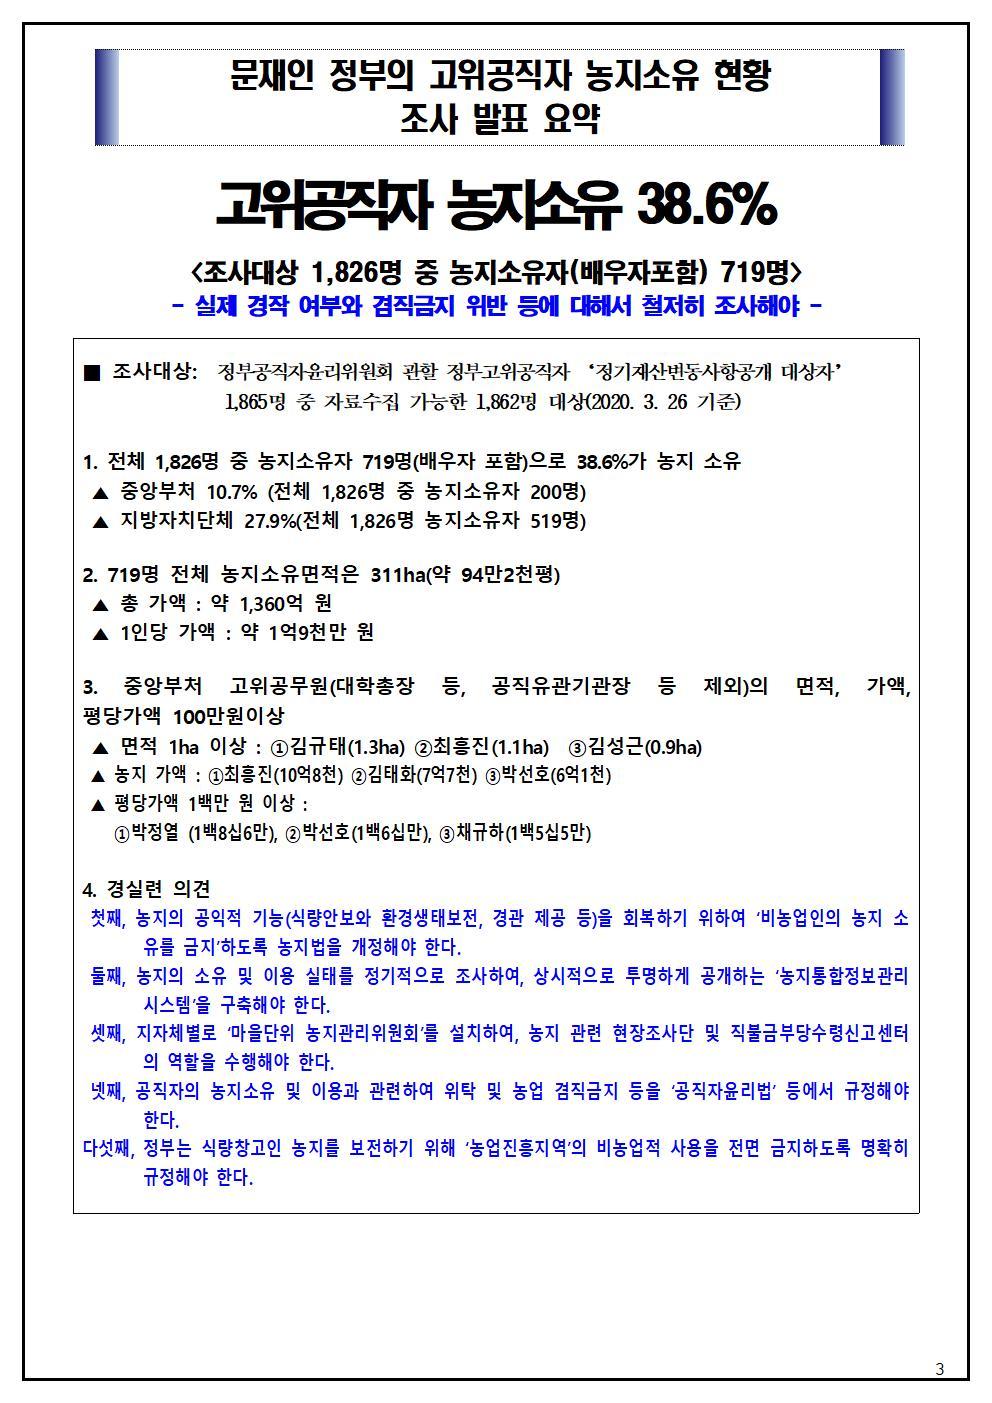 201019 정부고위공직자농지 소유현황 보도자료2.jpg